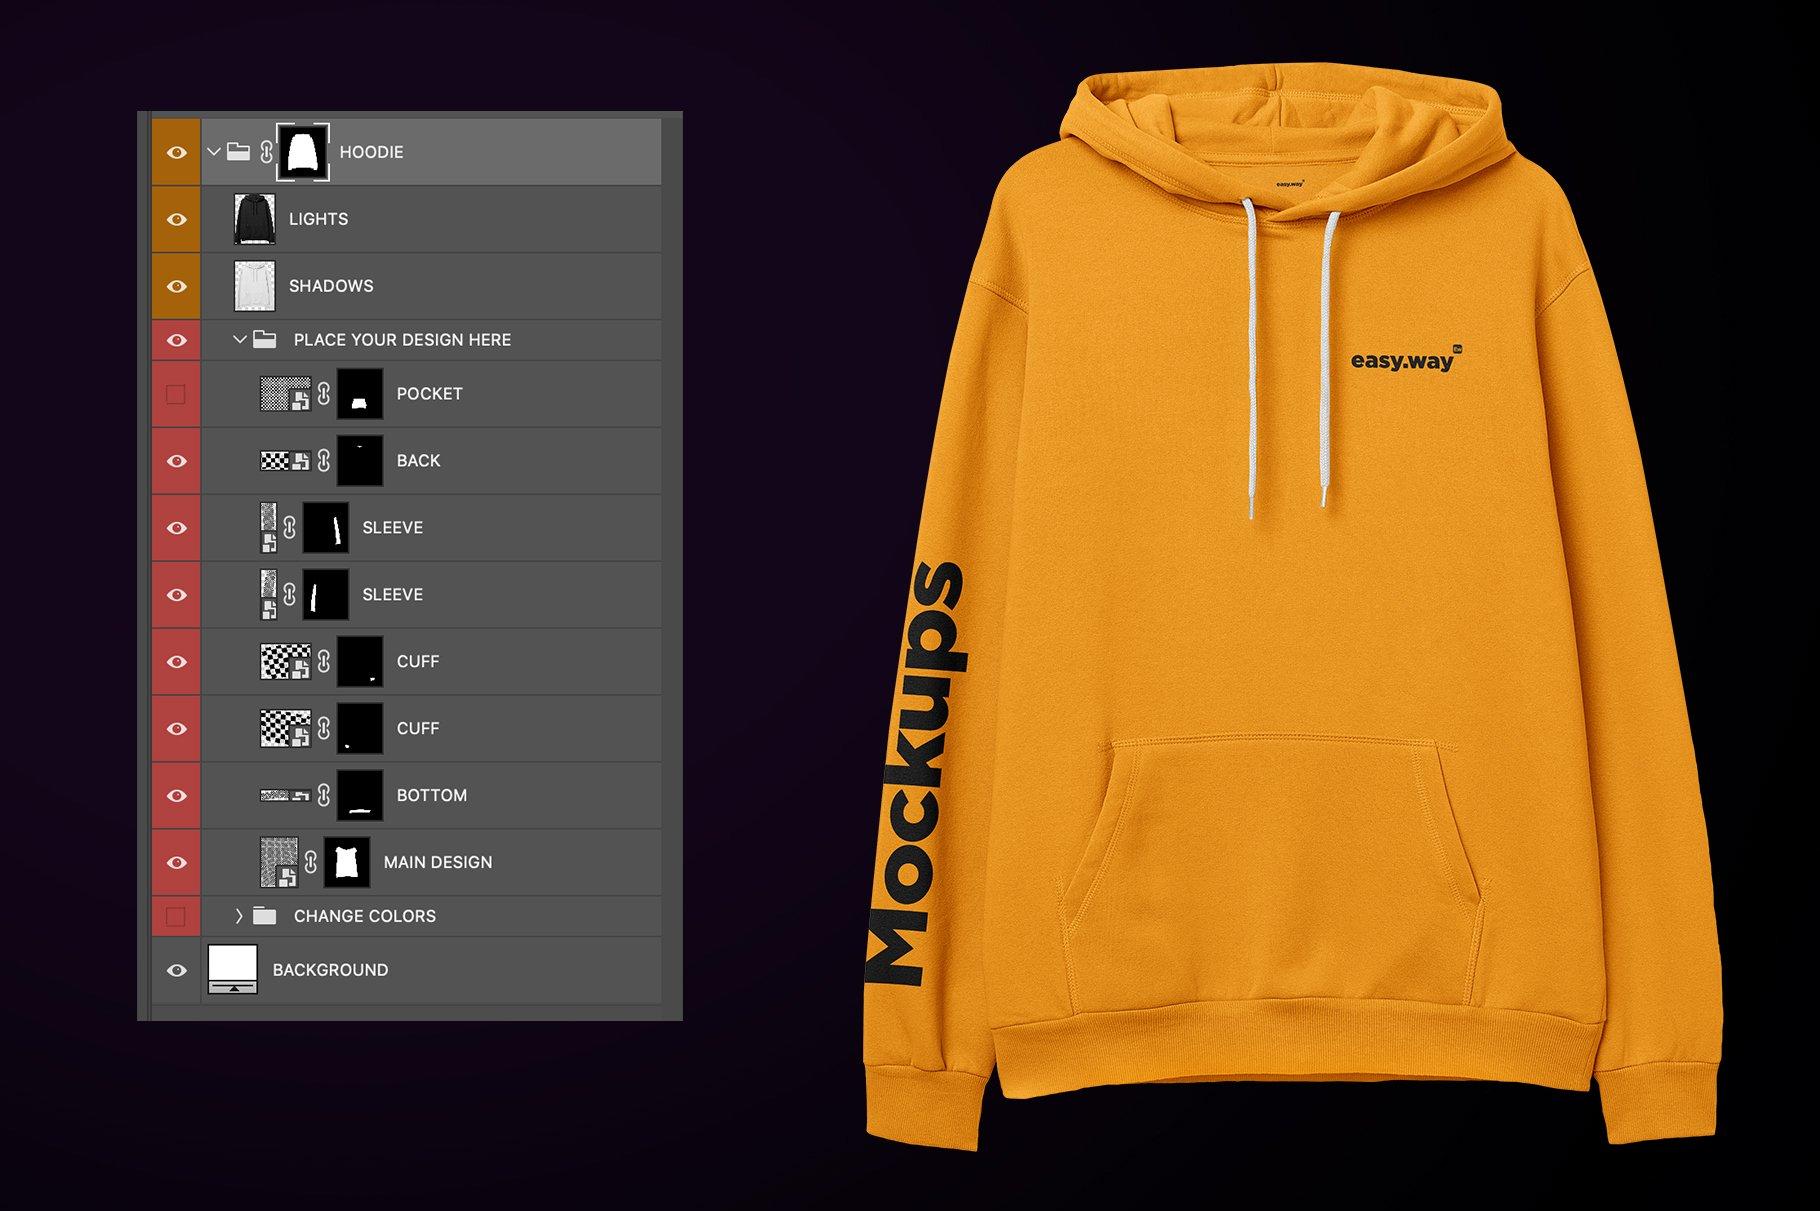 简约连衣帽卫衣印花图案设计展示样机PSD模板 Hooded Sweatshirt PSD Mockup插图5